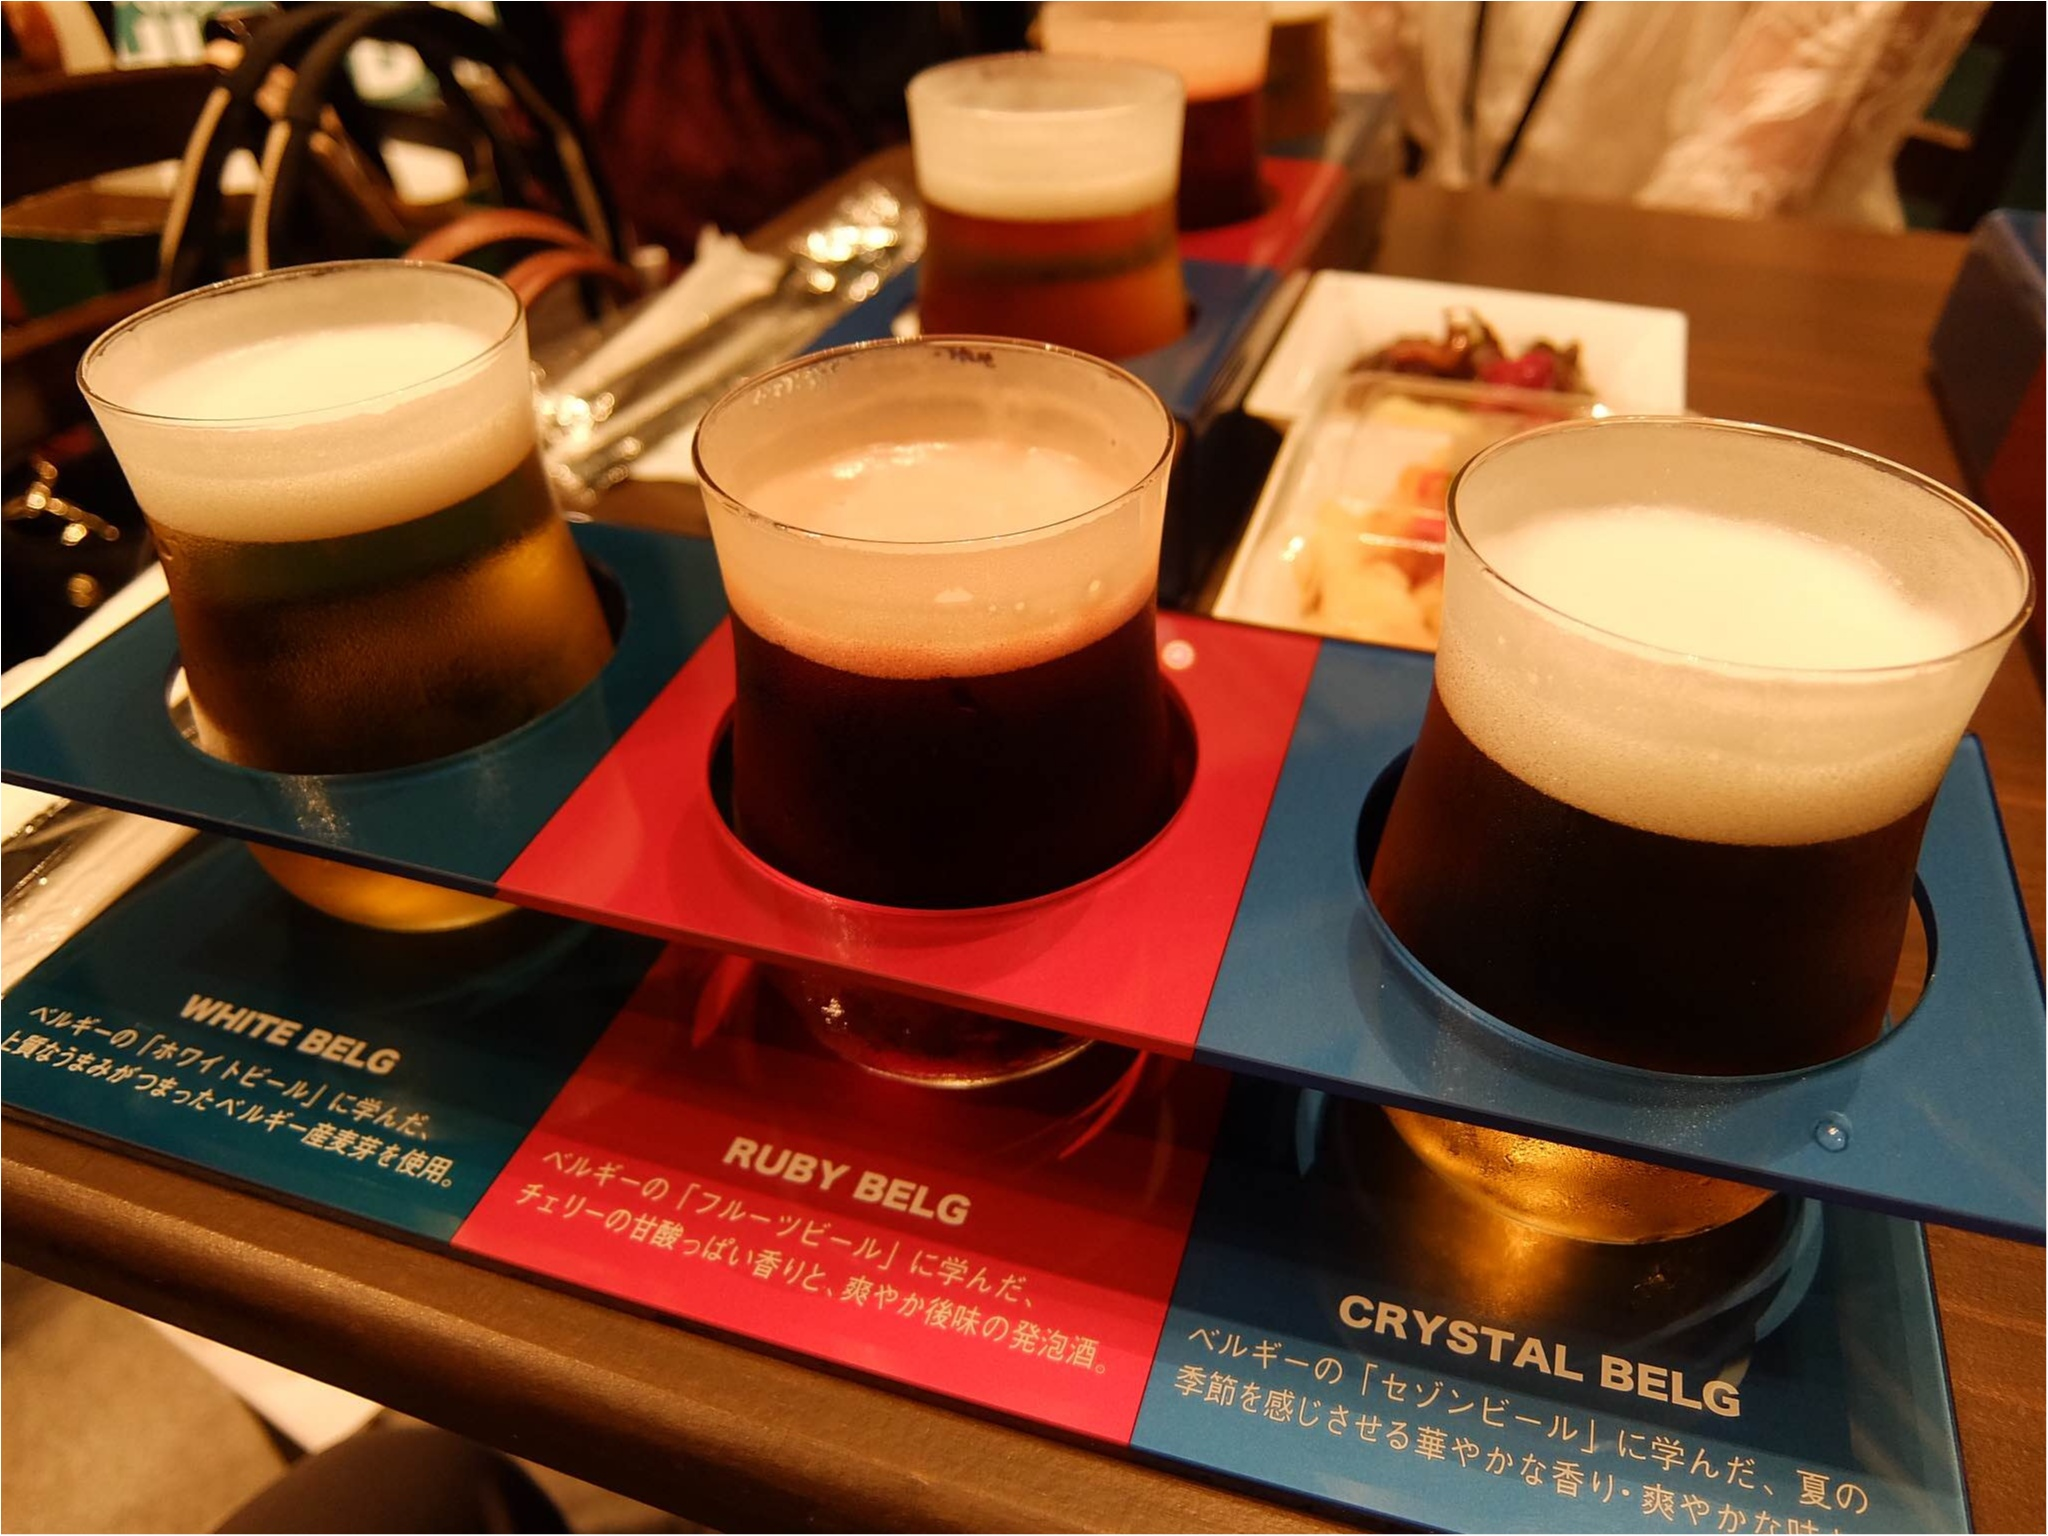 セシルちゃんもおすすめ!ホワイトベルグフェスで3種のお酒を飲み比べ♡_3